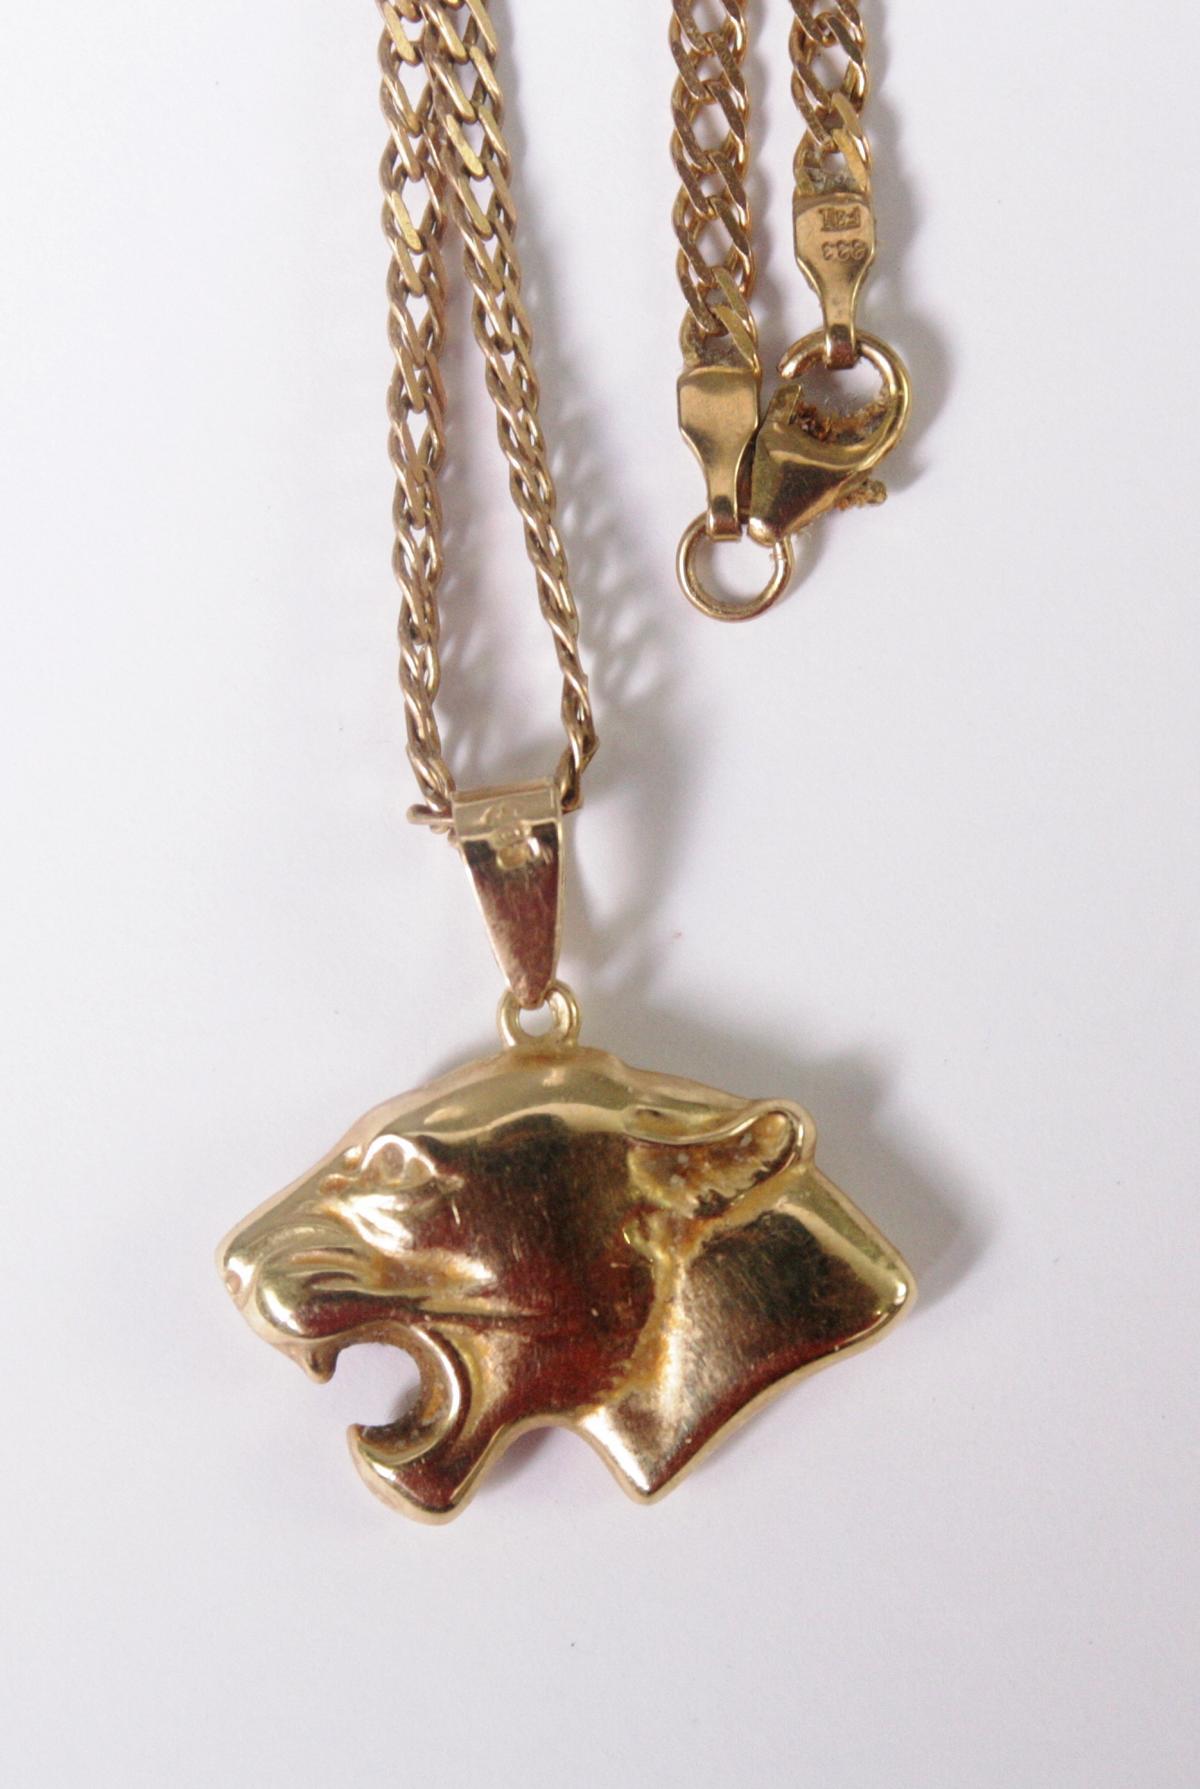 Halskette aus 8 Karat Gelbgold mit Tigeranhänger aus 14 Karat Gelbgold-3